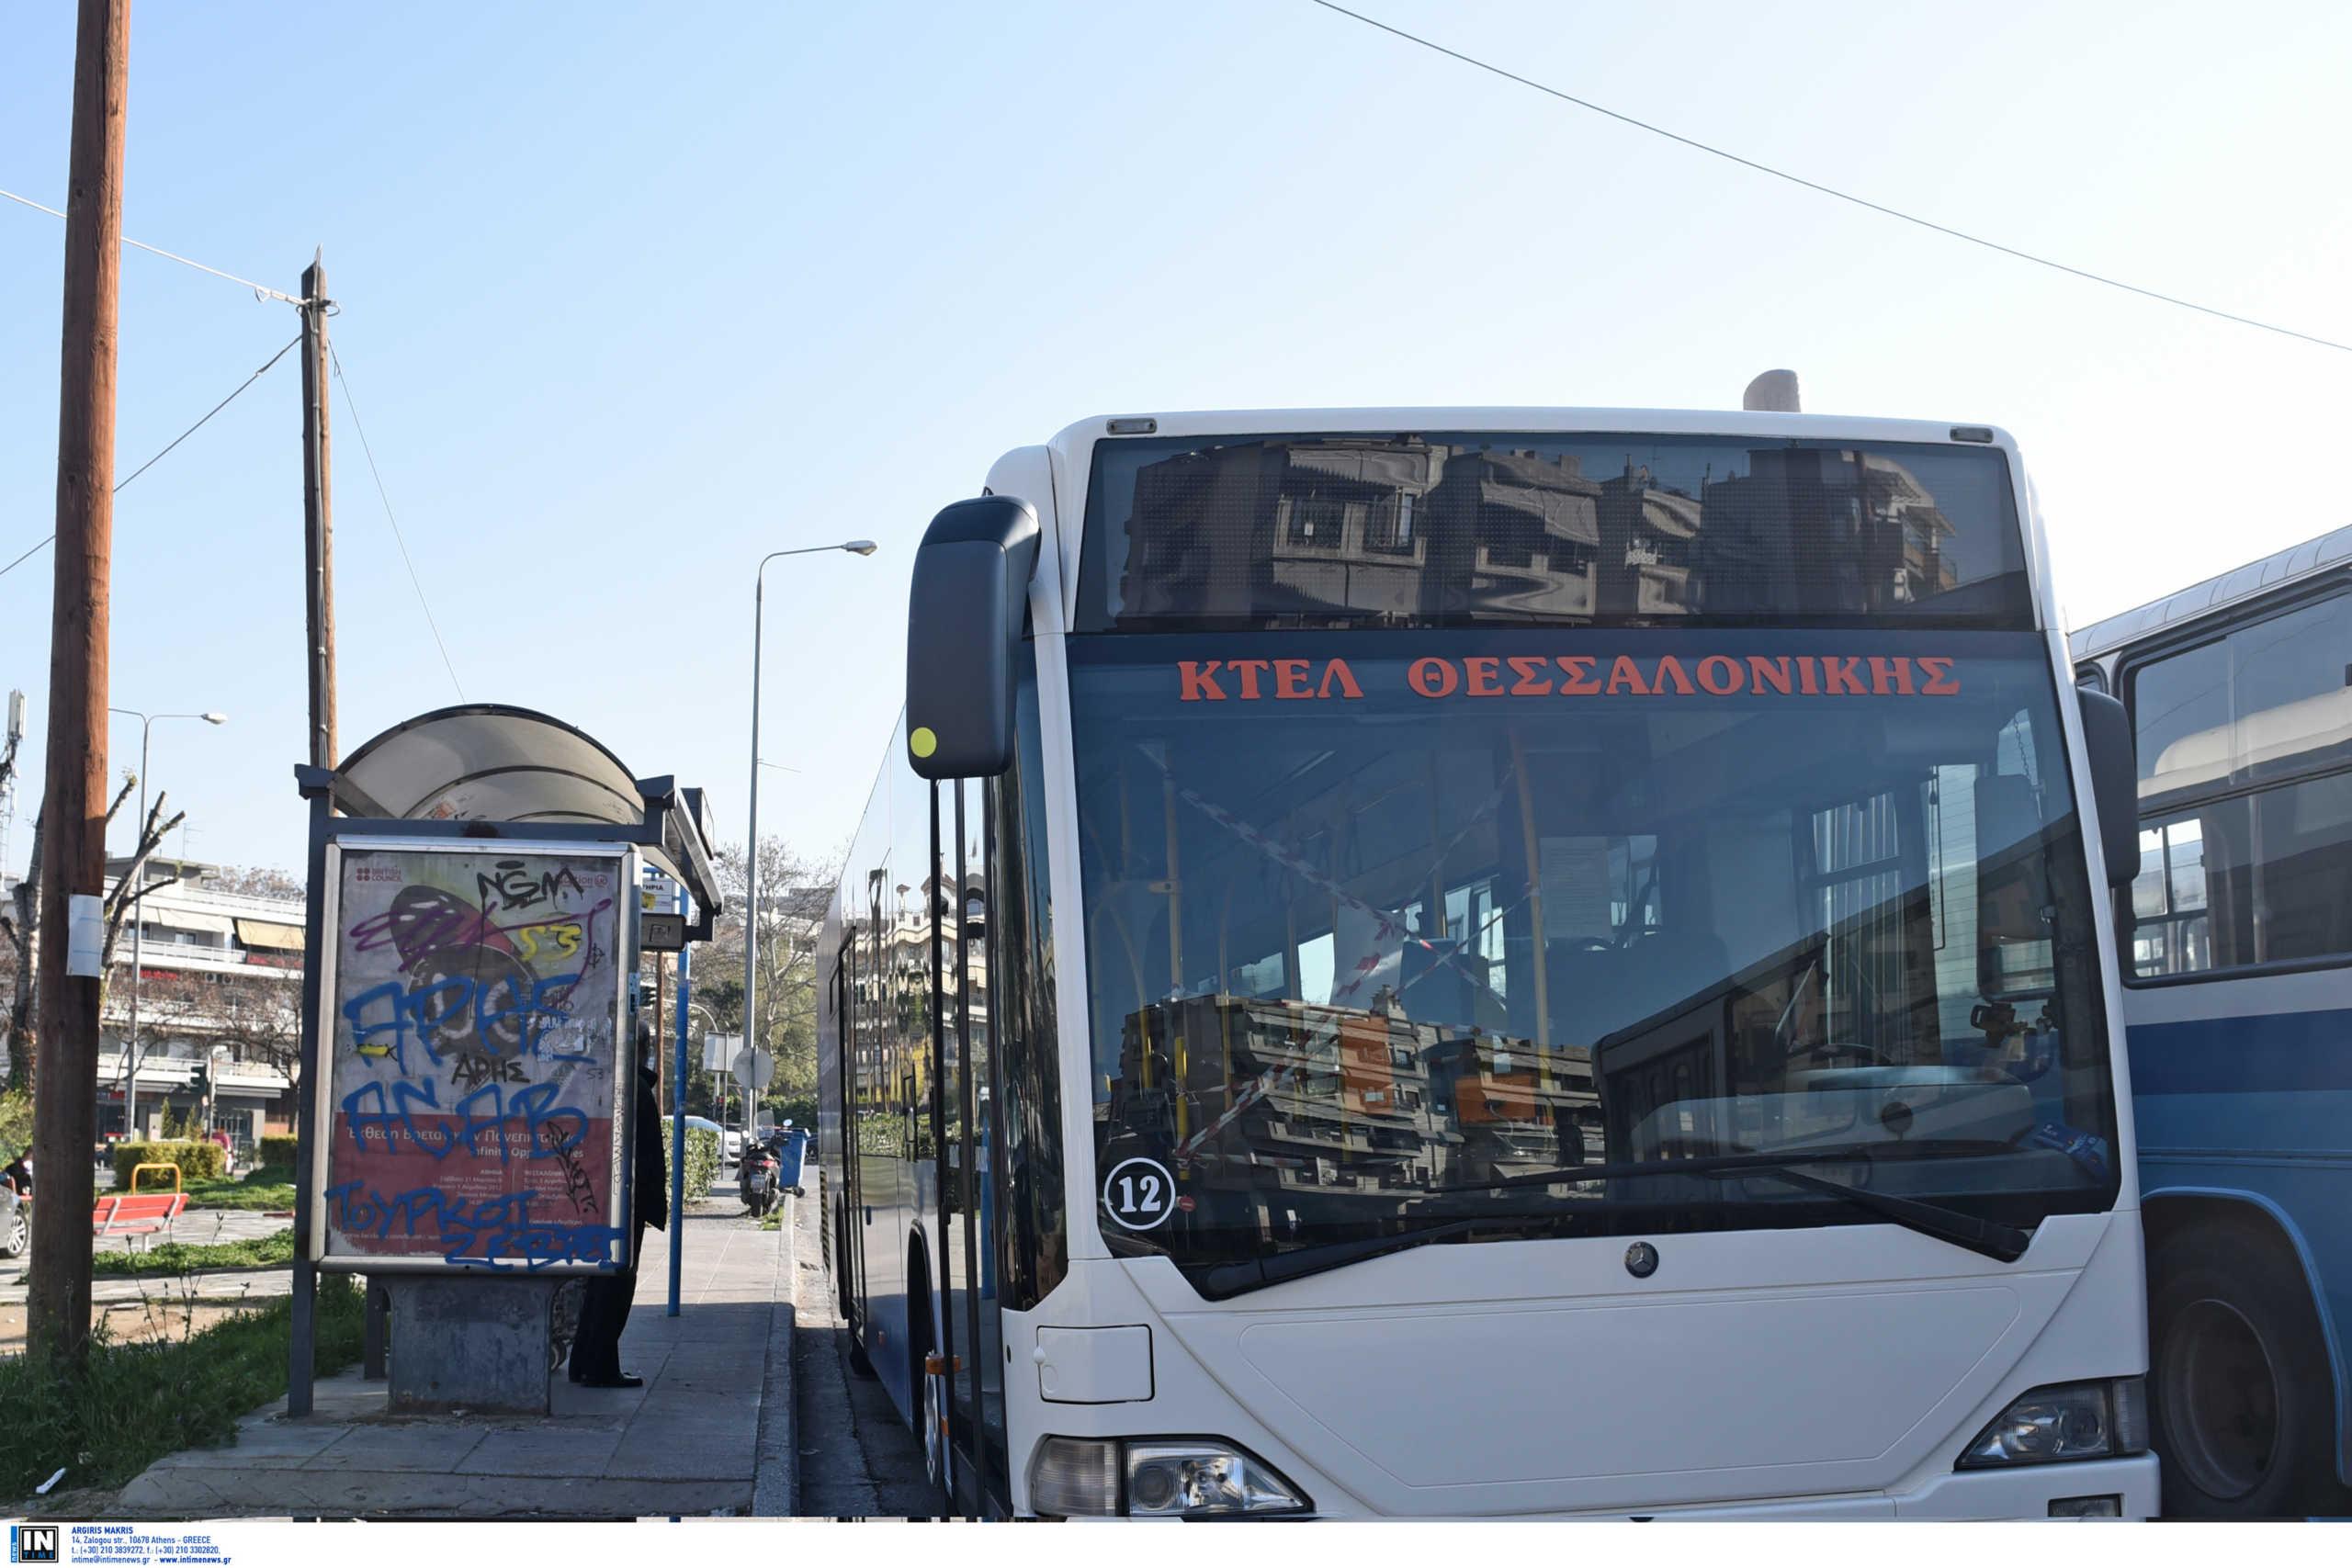 """Θεσσαλονίκη: Καταδικάστηκε ο οδηγός λεωφορείου για το… """"ανοιχτό φερμουάρ"""" μπροστά σε 16χρονη"""